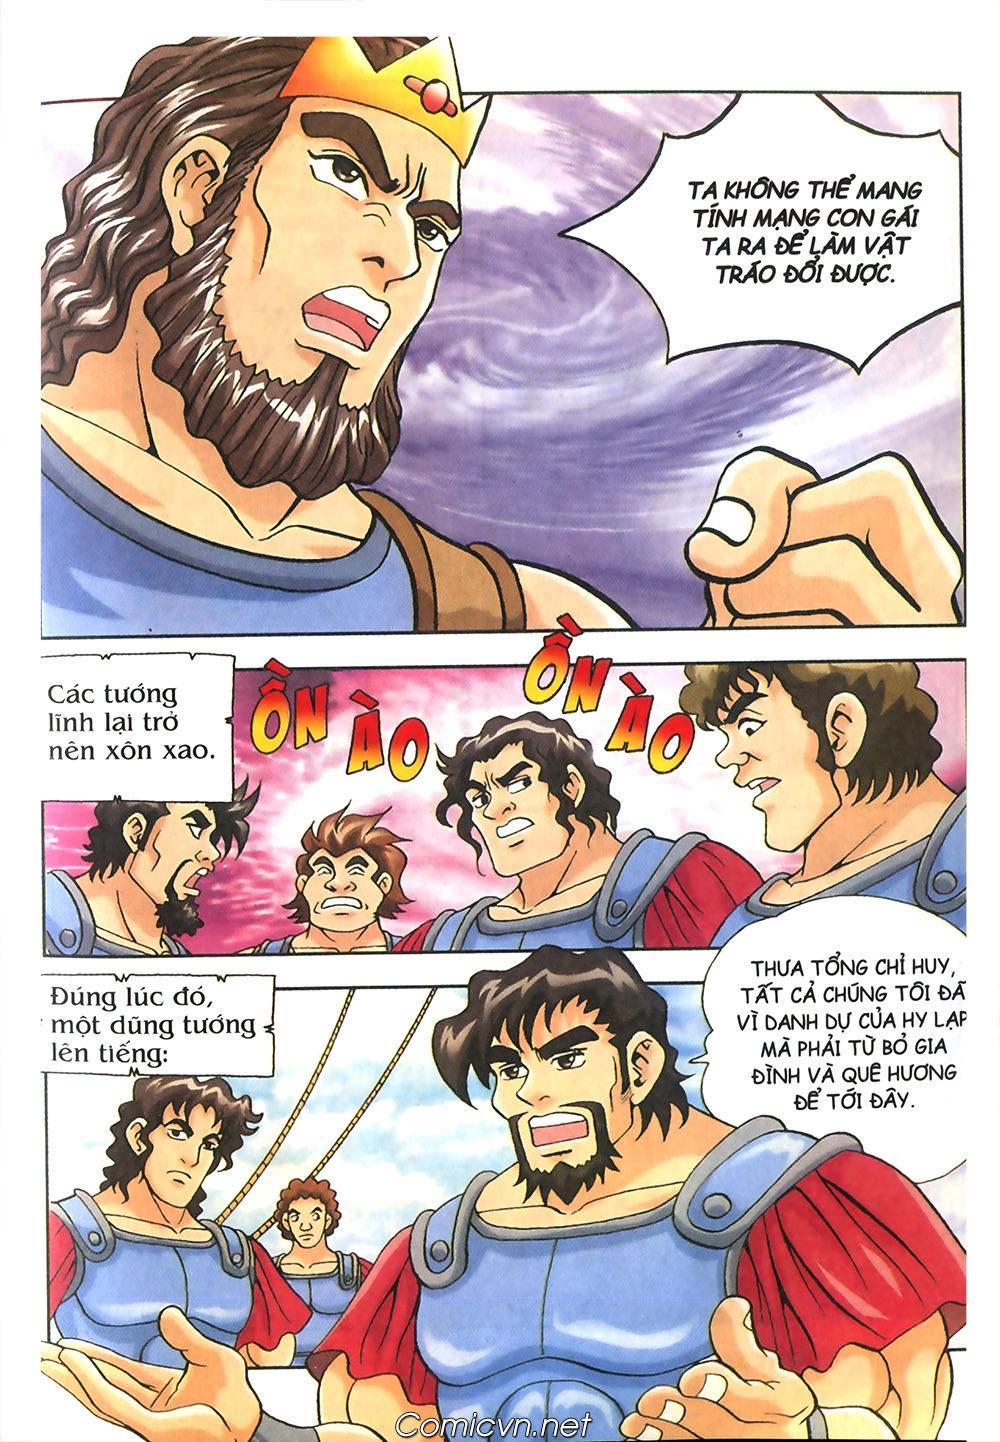 Thần Thoại Hy Lạp Màu - Chapter 53: Trước giờ xung trận - Pic 21